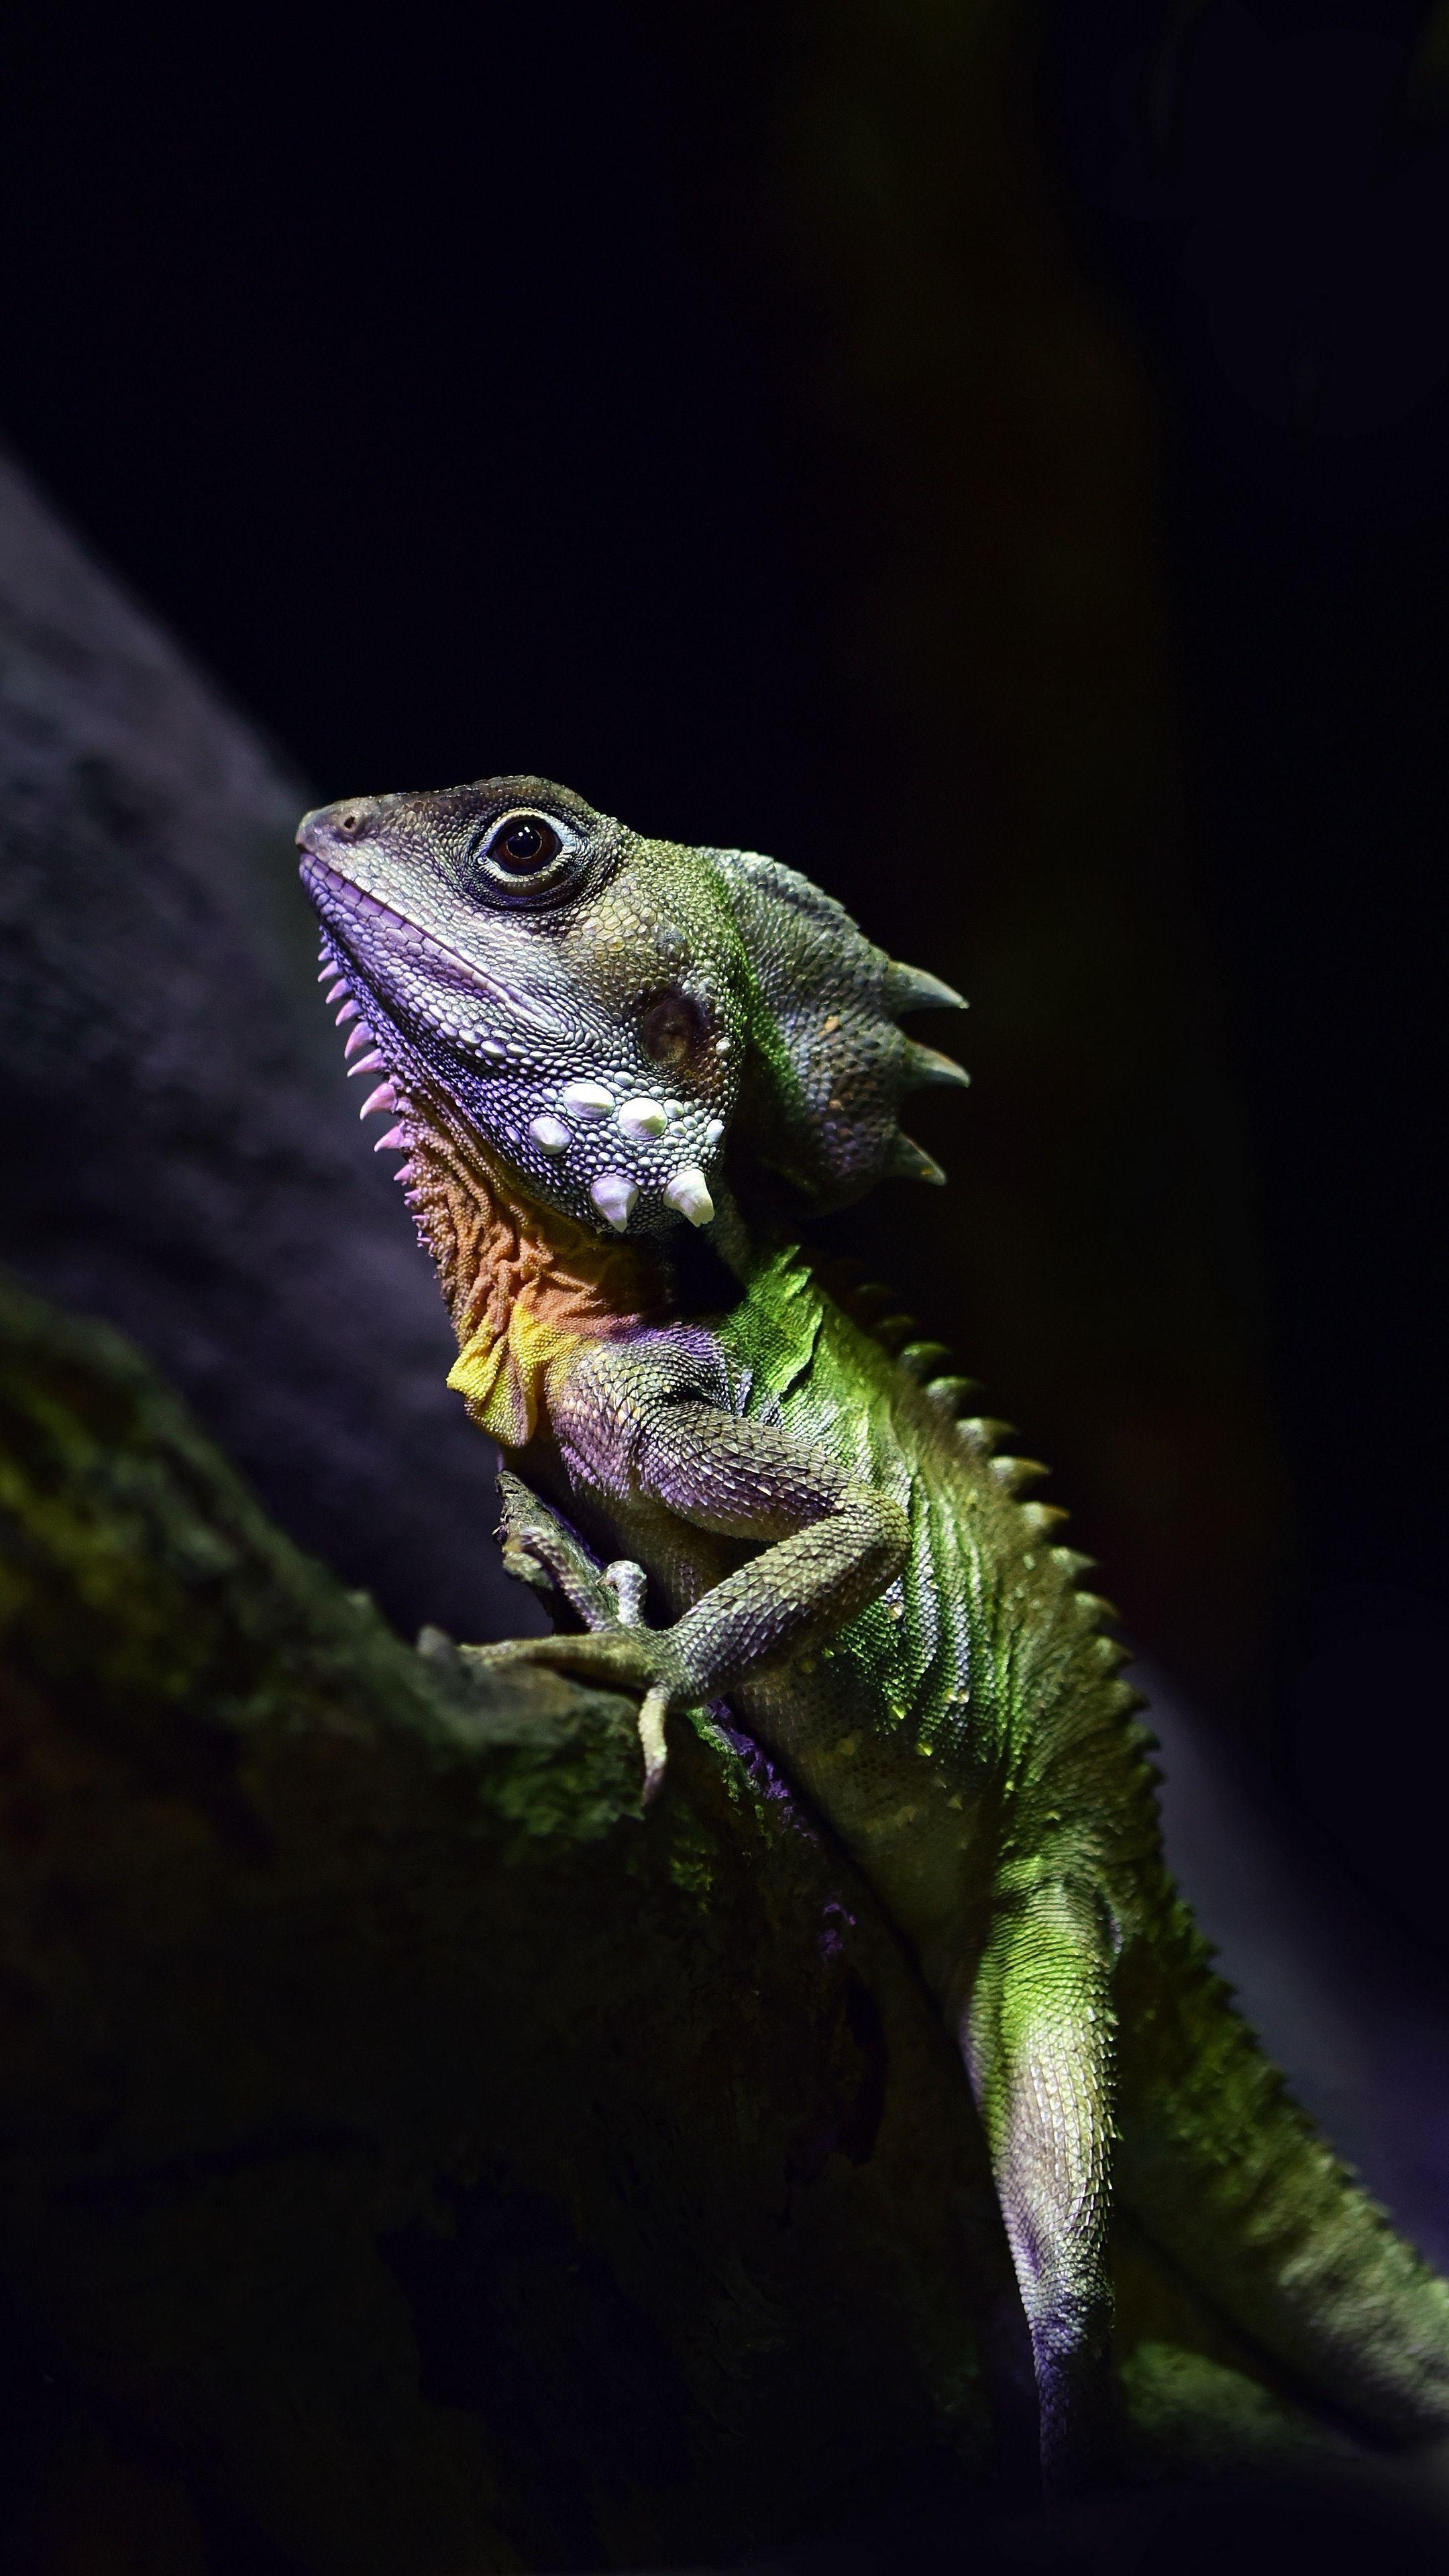 Lizard iPhone Wallpapers - Top Free Lizard iPhone ...